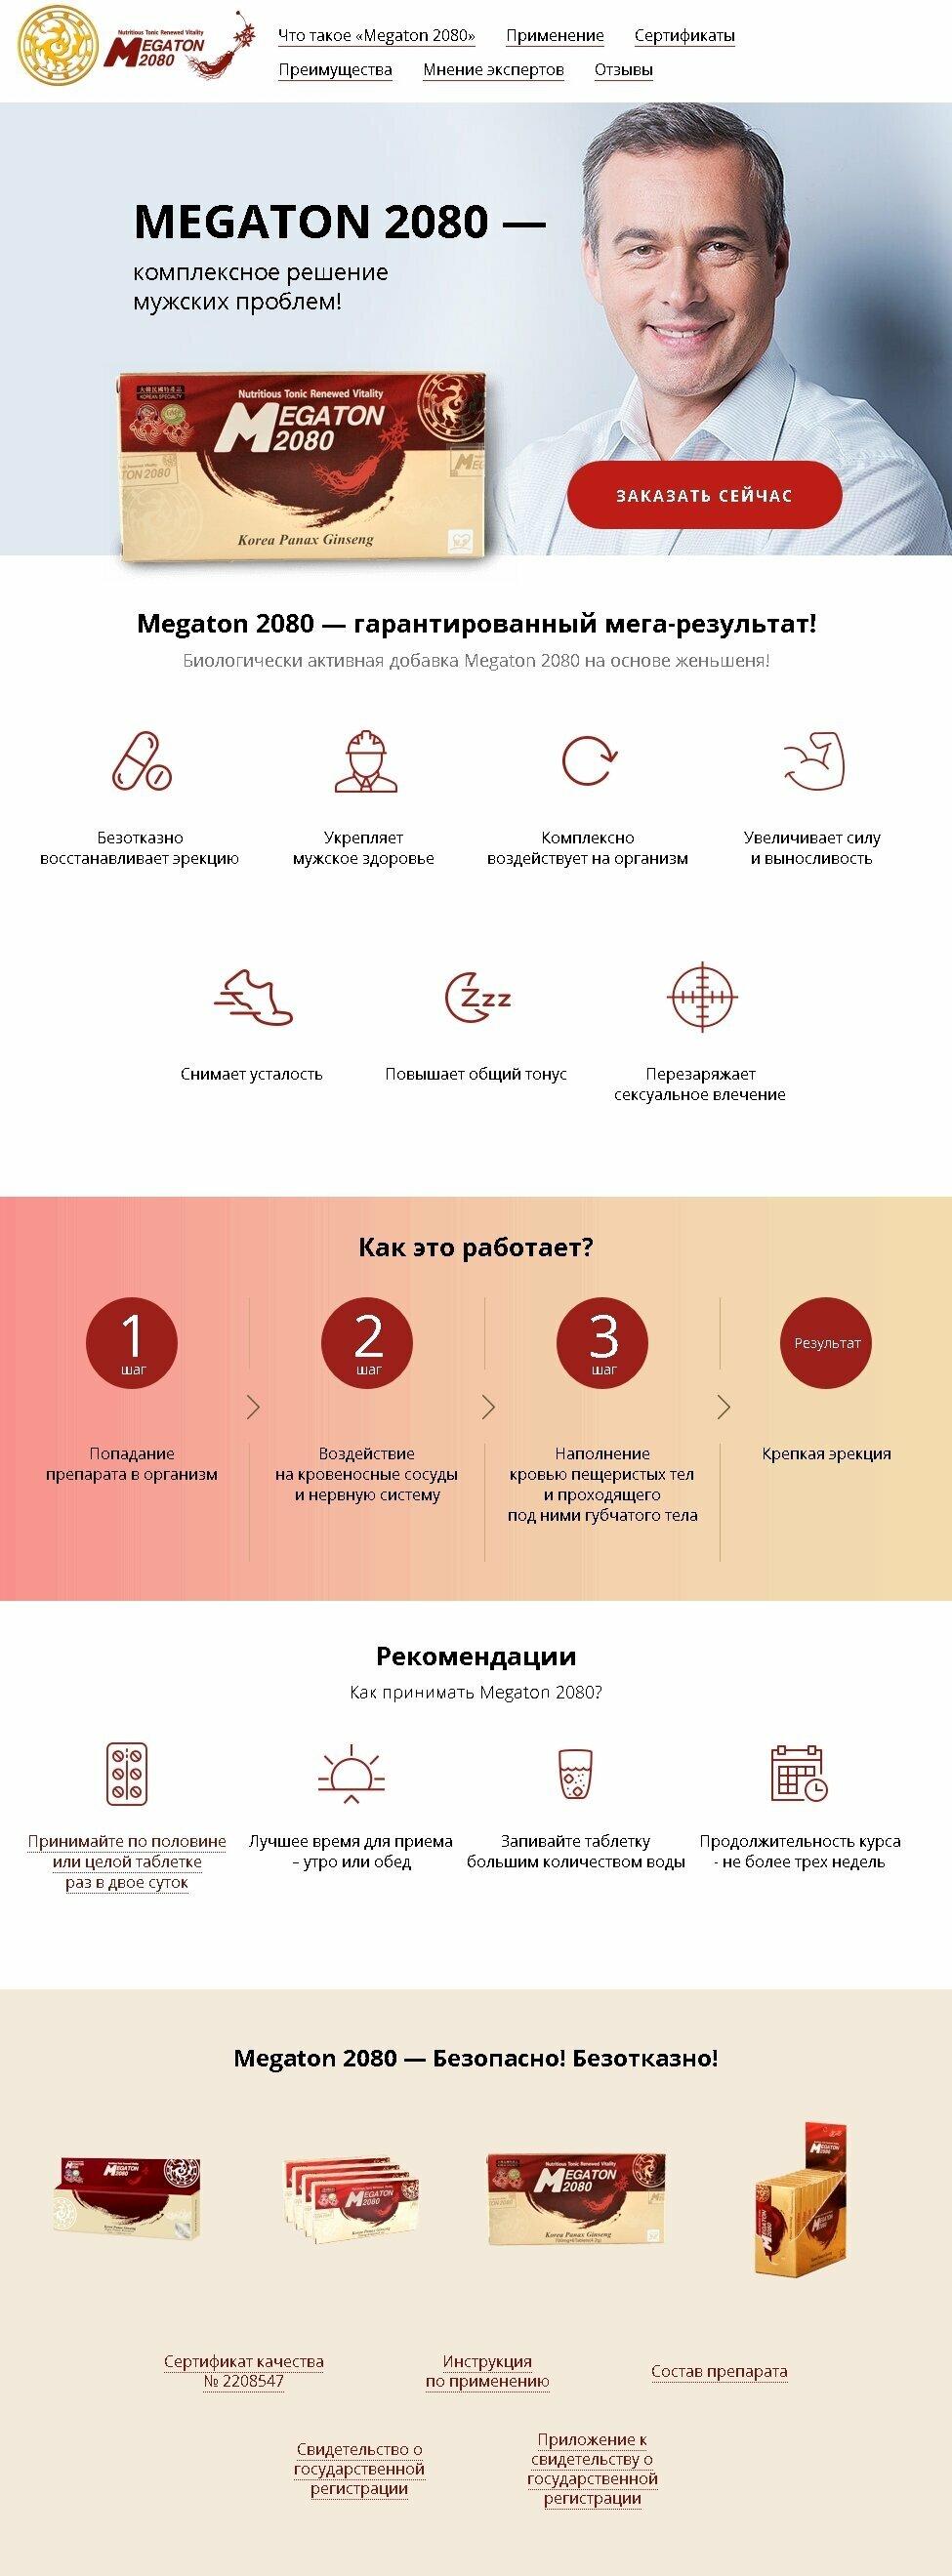 Мегатон 2080 таблетки для восстановления потенции в Киеве